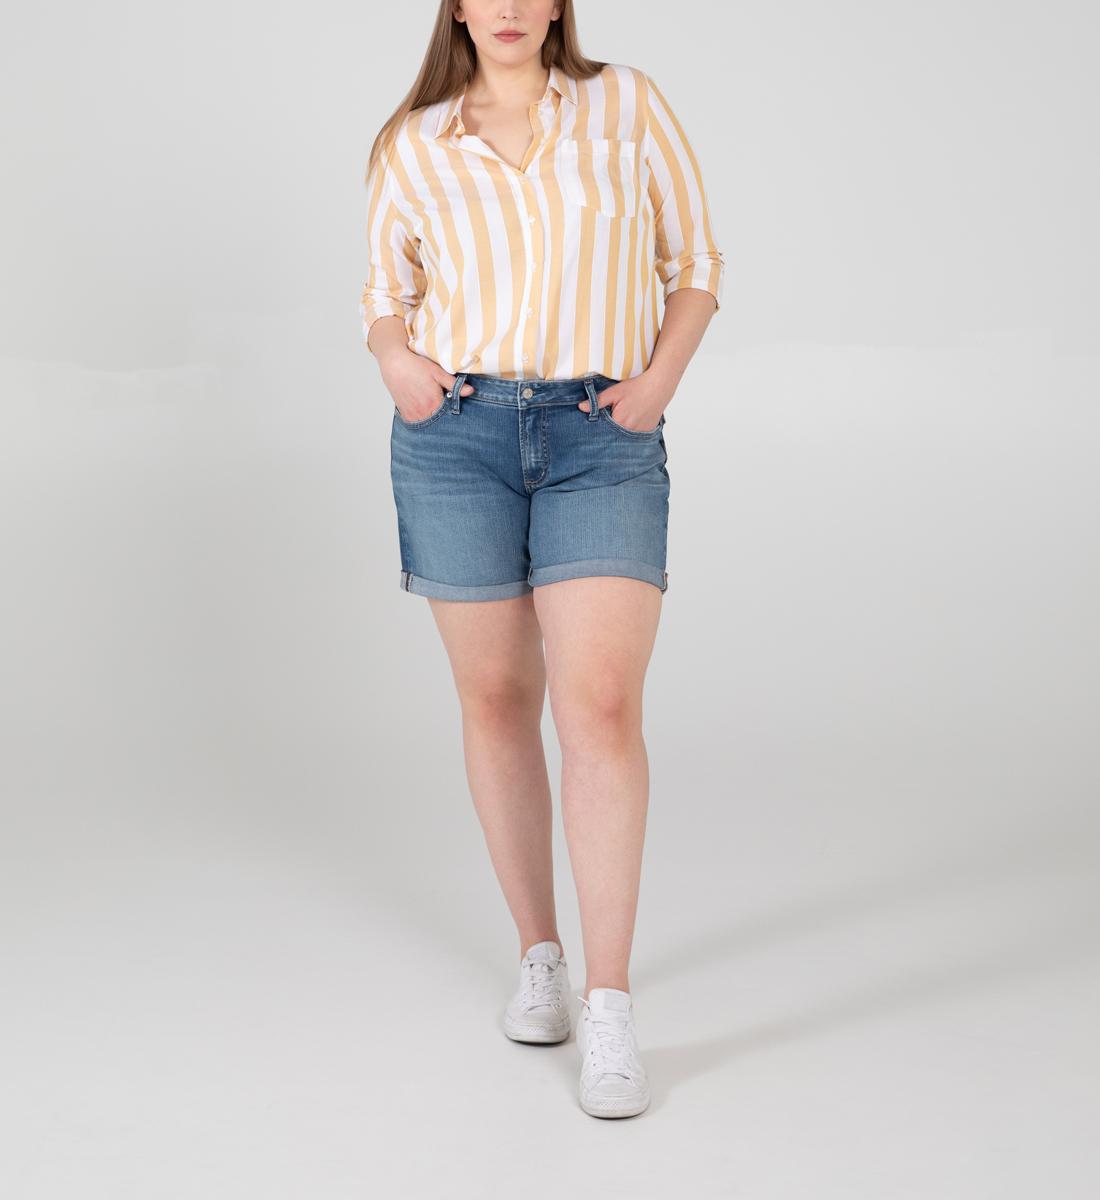 Silver Jeans Boyfriend Mid Rise Shorts Plus Size